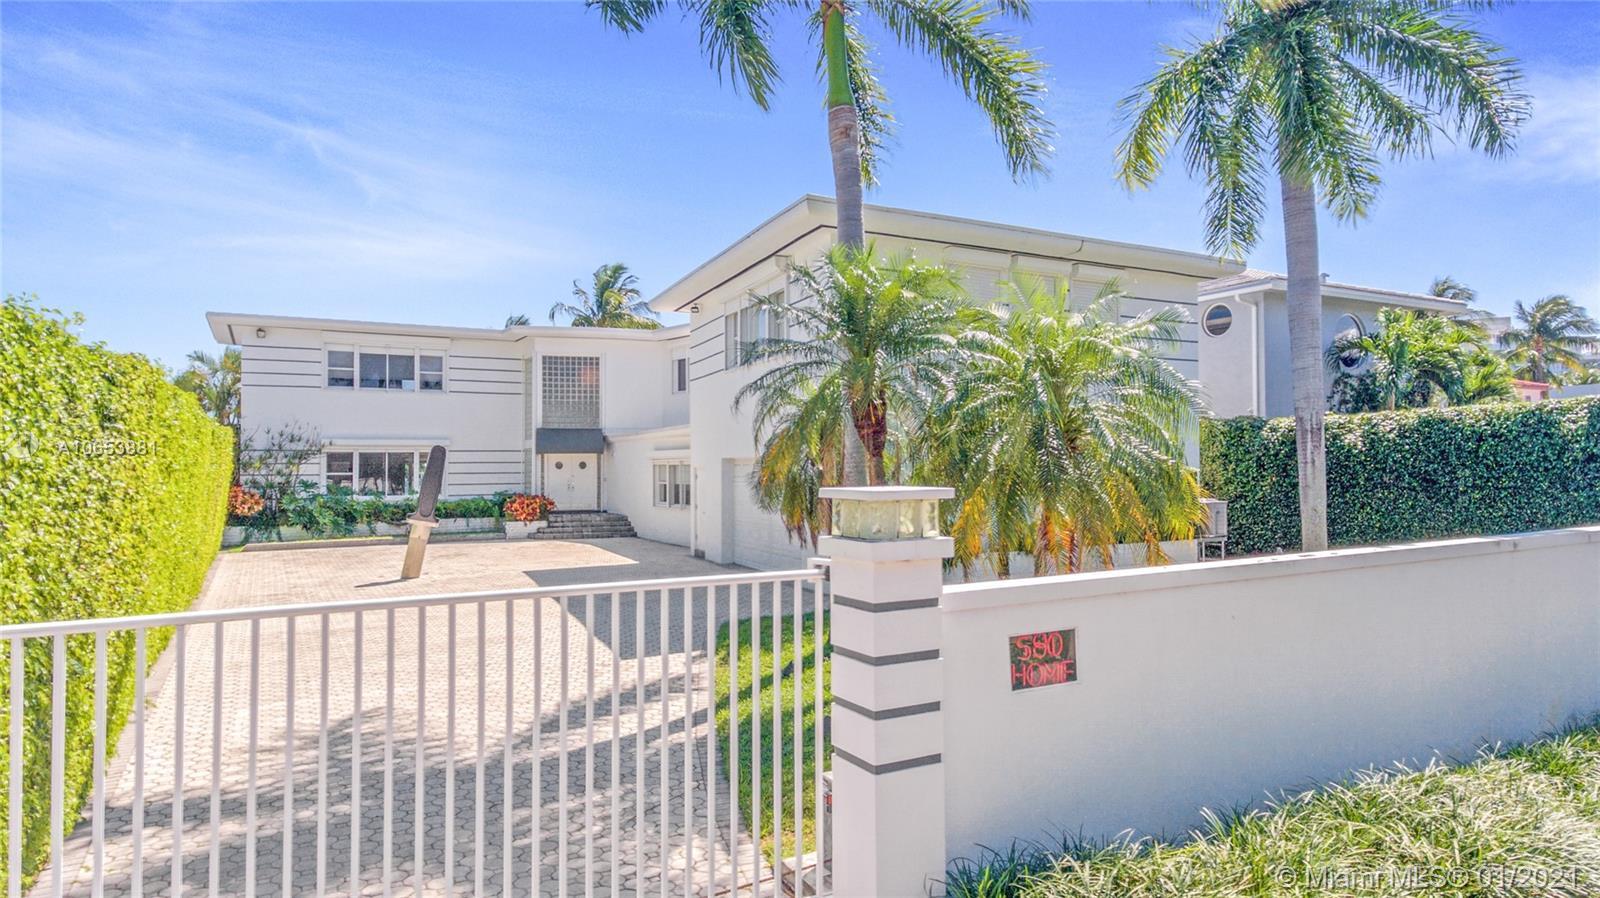 Lake View - 580 Lakeview Dr, Miami Beach, FL 33140